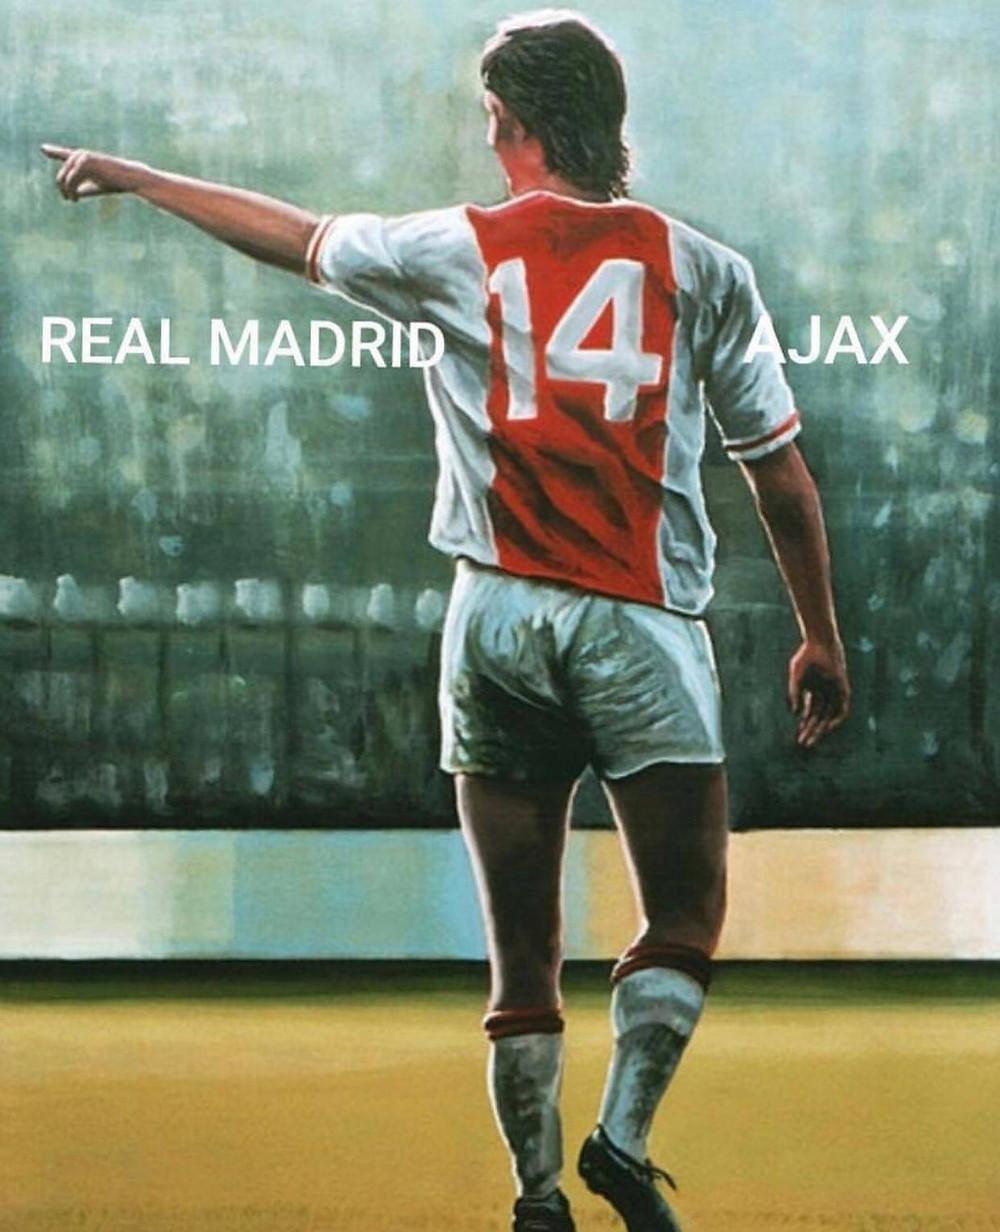 Goleada de 4 a 1 foi o 14º confronto entre Real Madrid e Ajax